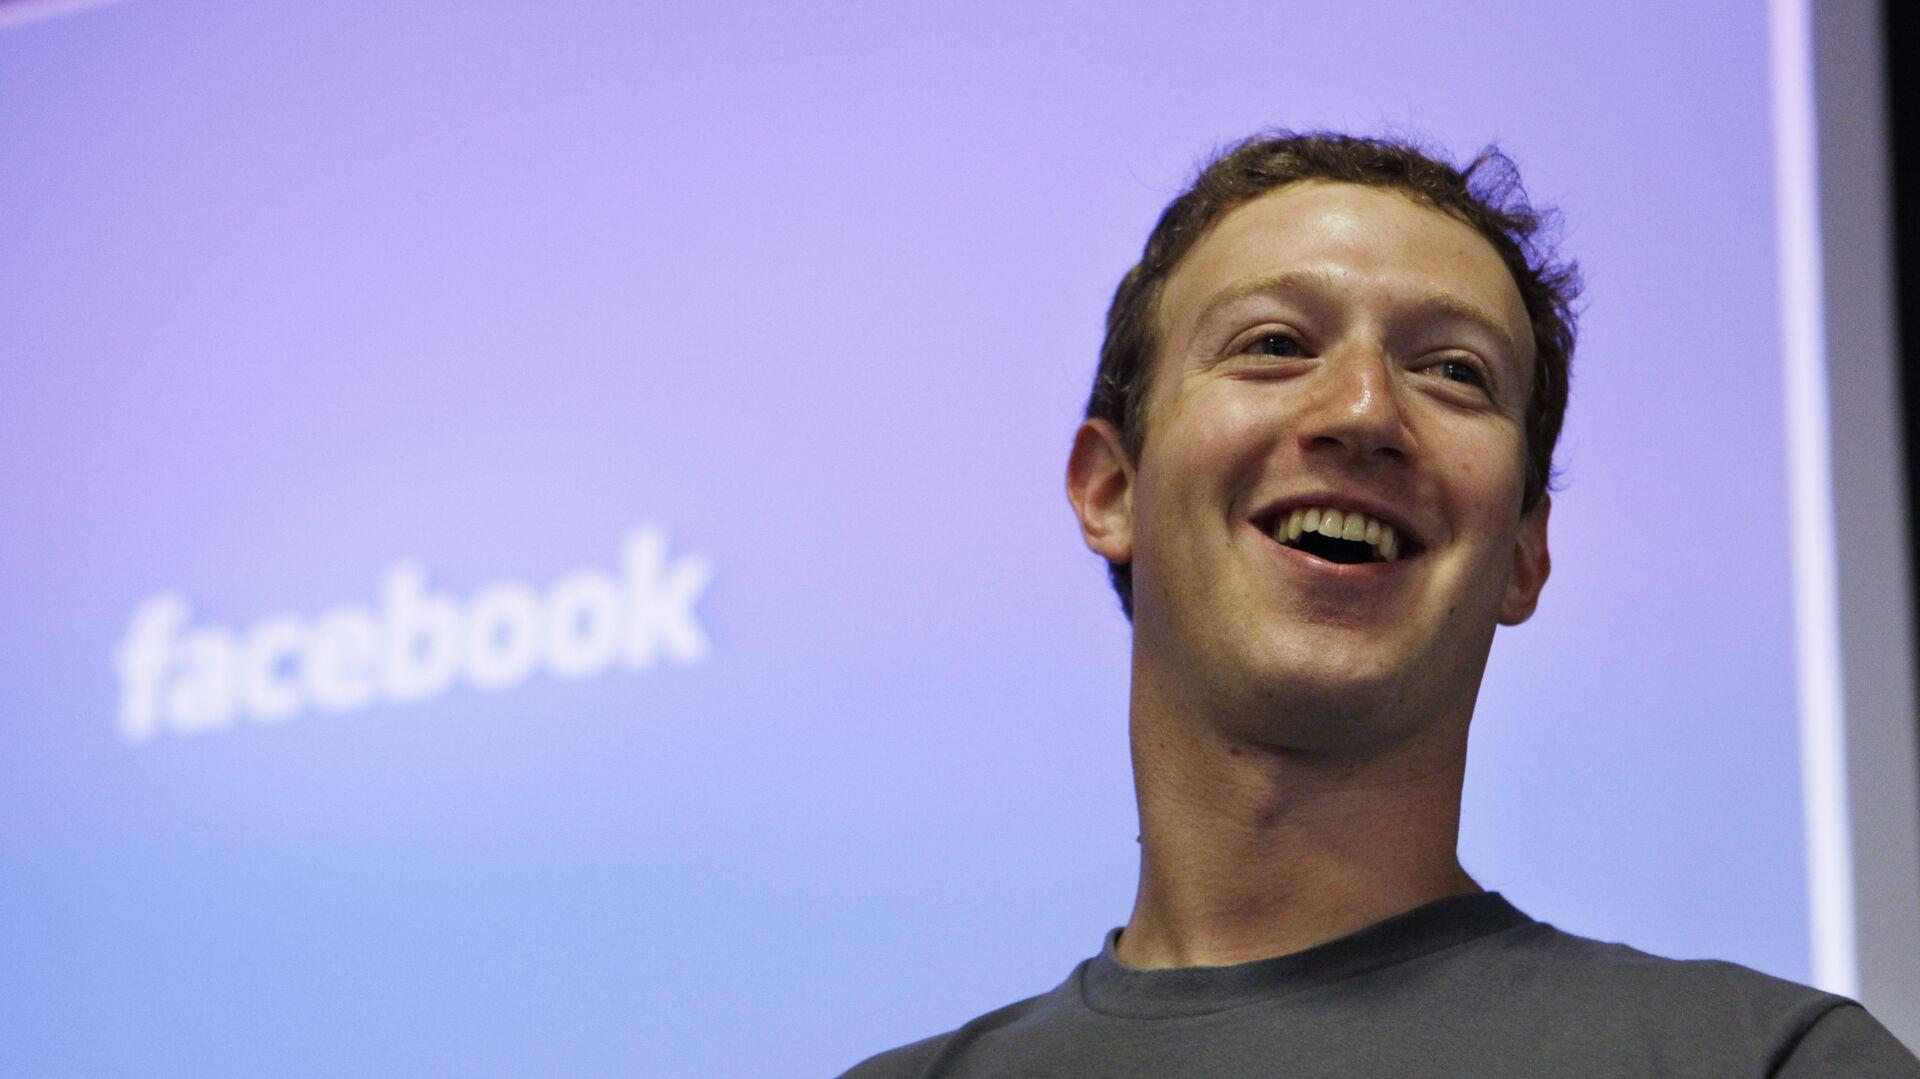 Глава Facebook Марк Цукерберг в штаб-квартире Facebook в Пало-Альт, США - РИА Новости, 1920, 14.05.2021